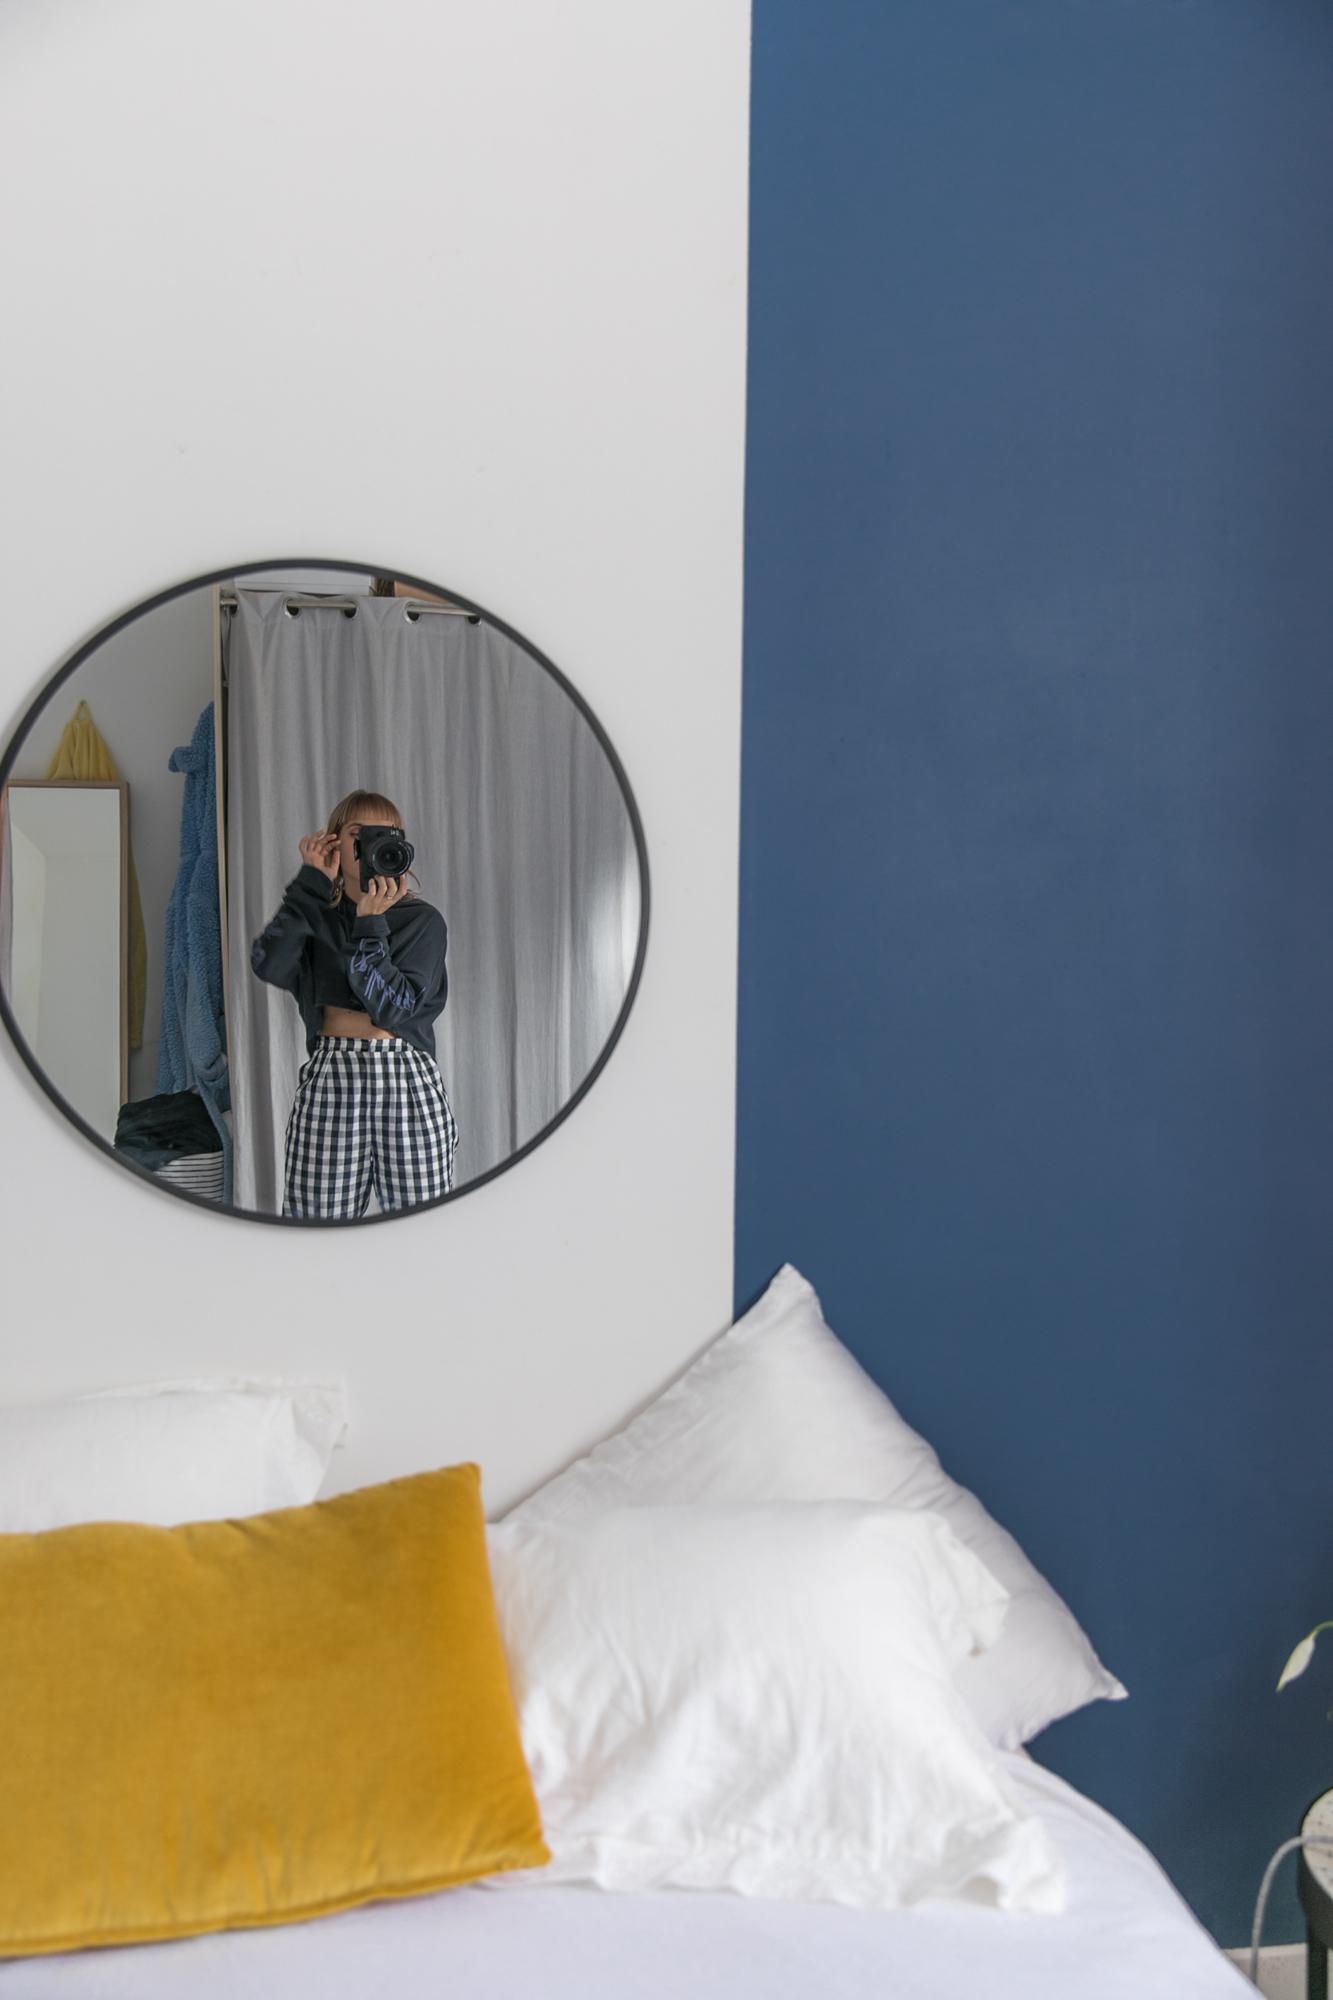 Un Mur Bleu Et Rose Dans Ma Chambre Sp4nk Blog